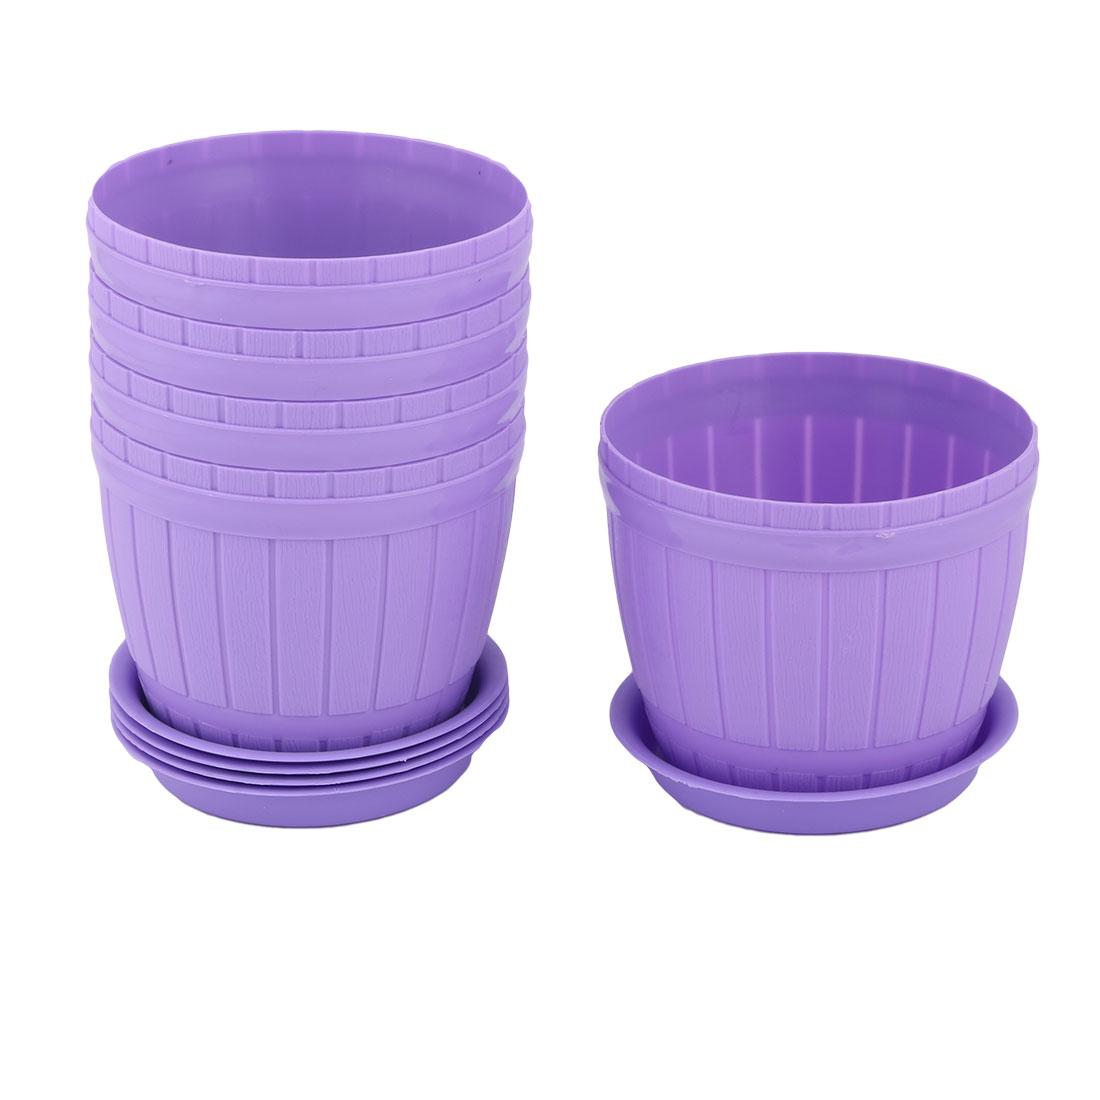 Garden Plastic Desktop Decoration Plant Flower Cactus Pot Purple 11.8cm Dia 5 Pcs